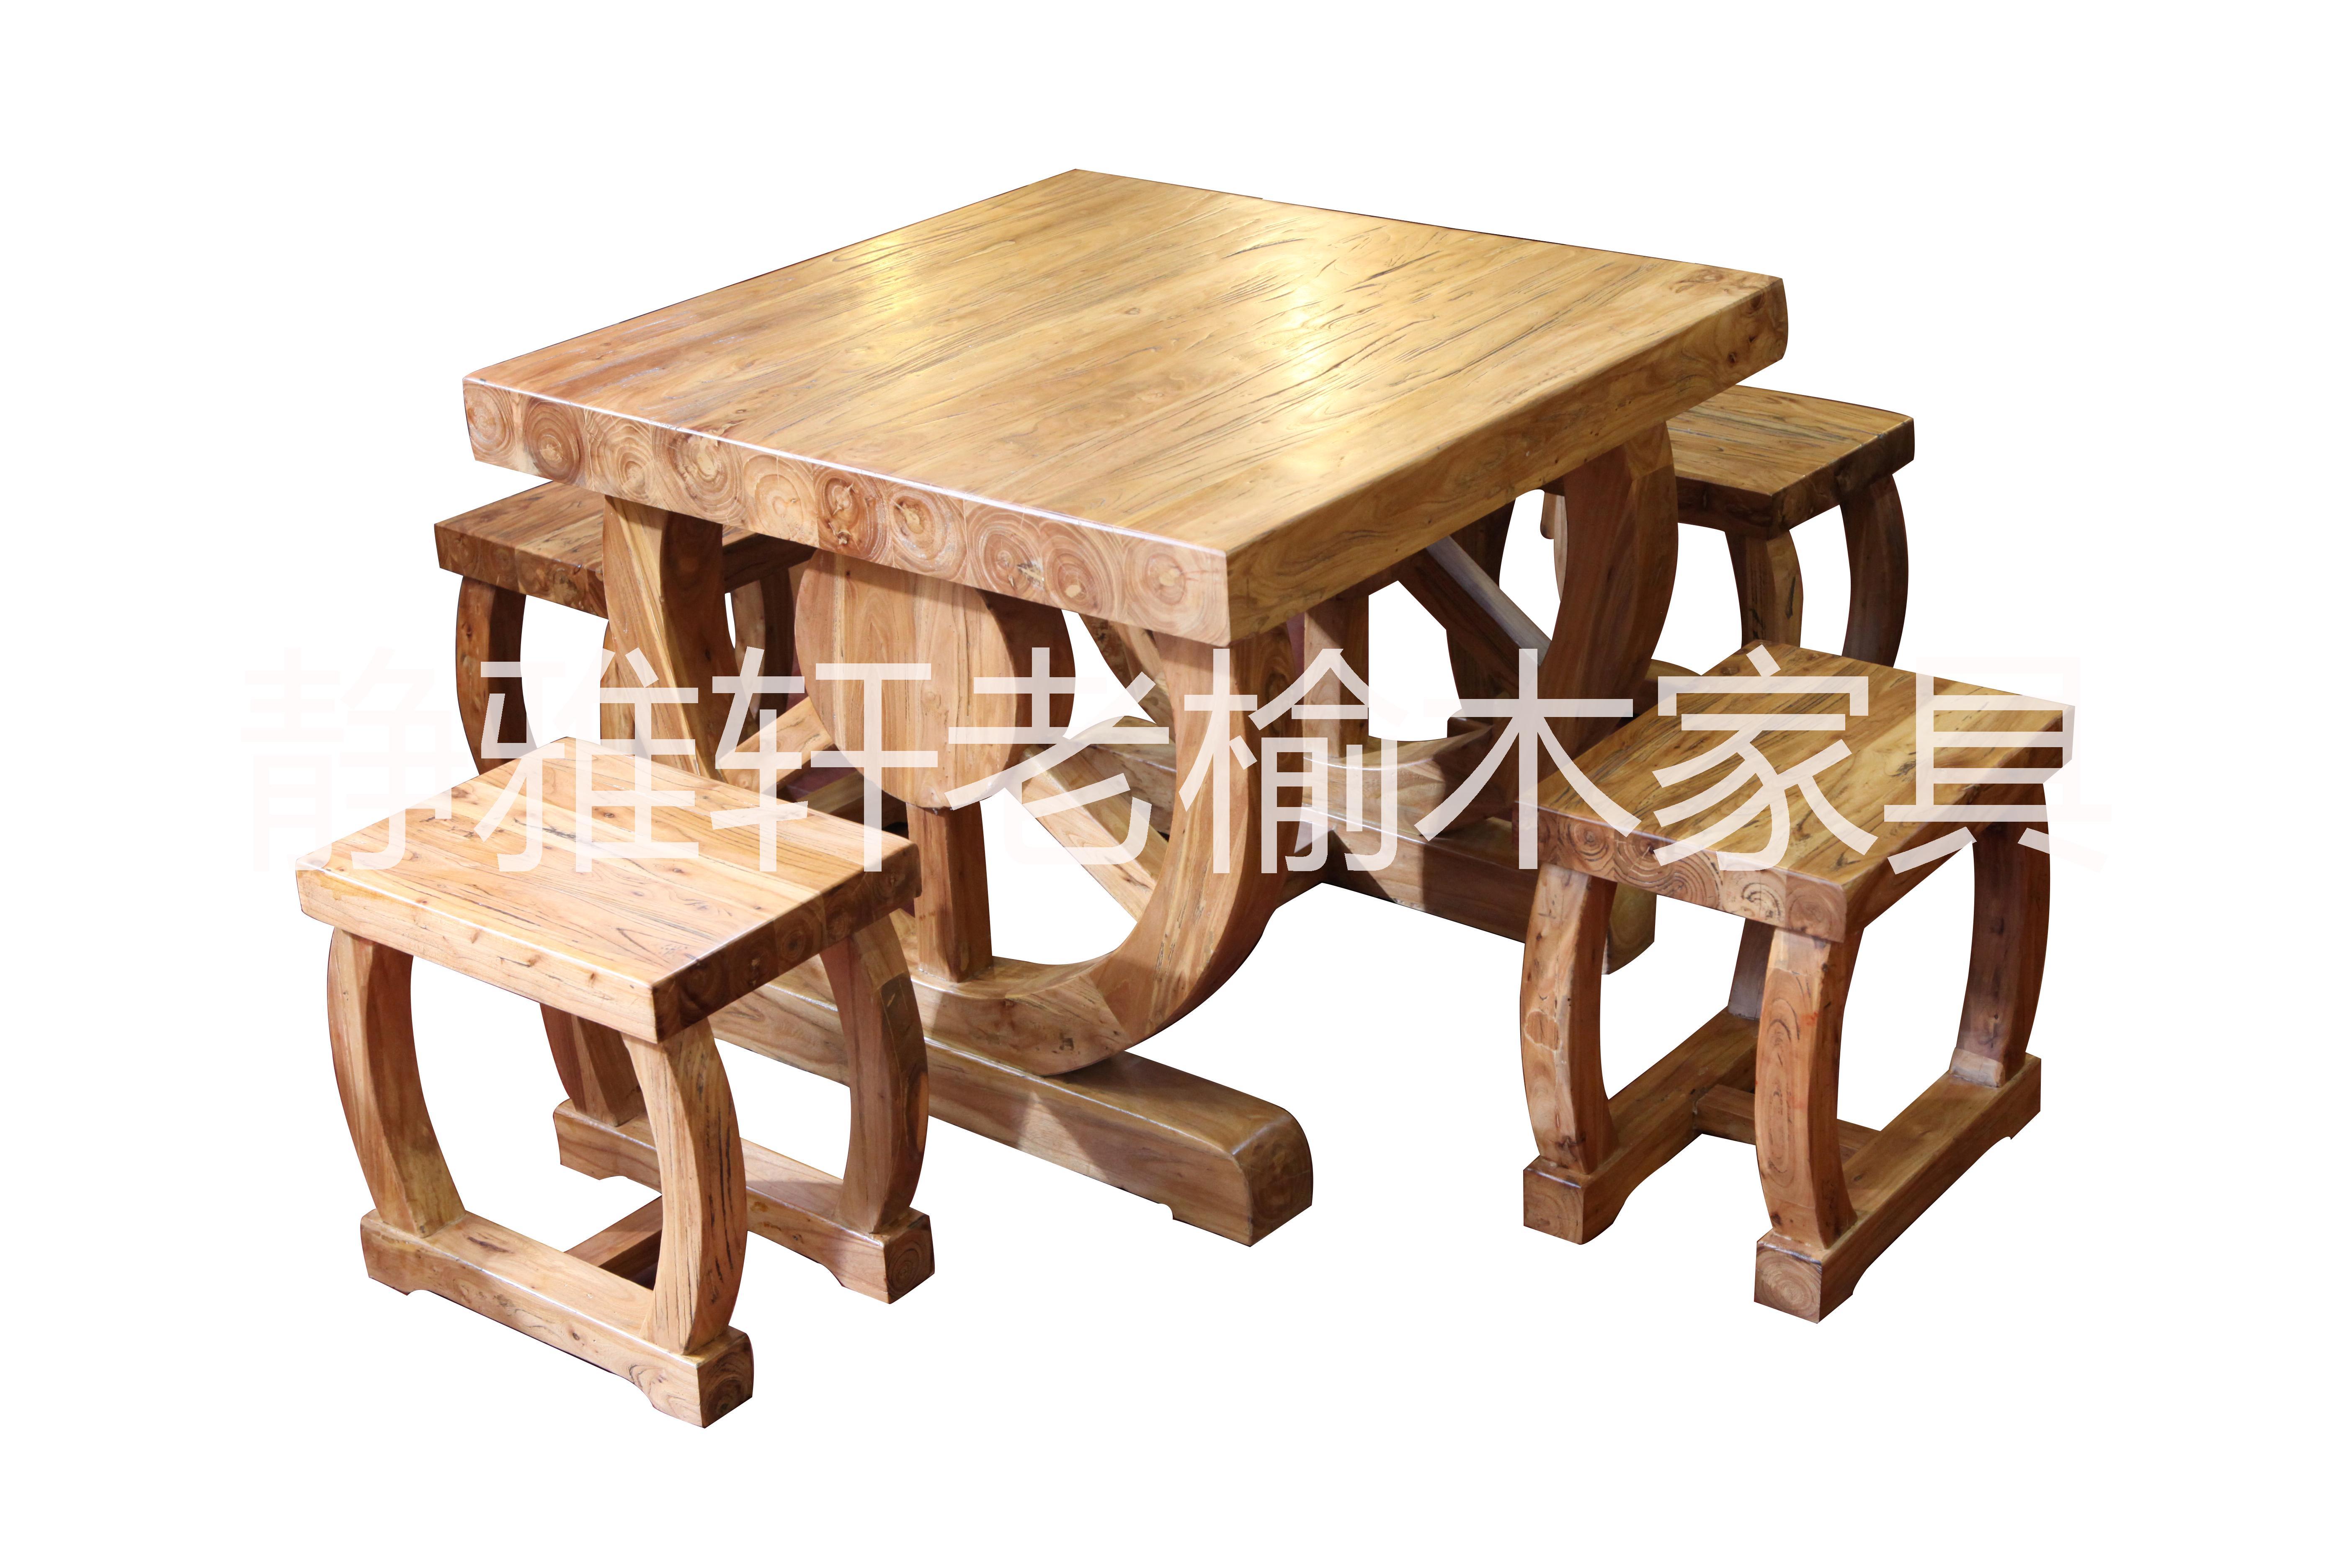 老榆木餐桌图片|老榆木餐桌样板图|老榆木餐桌效果图